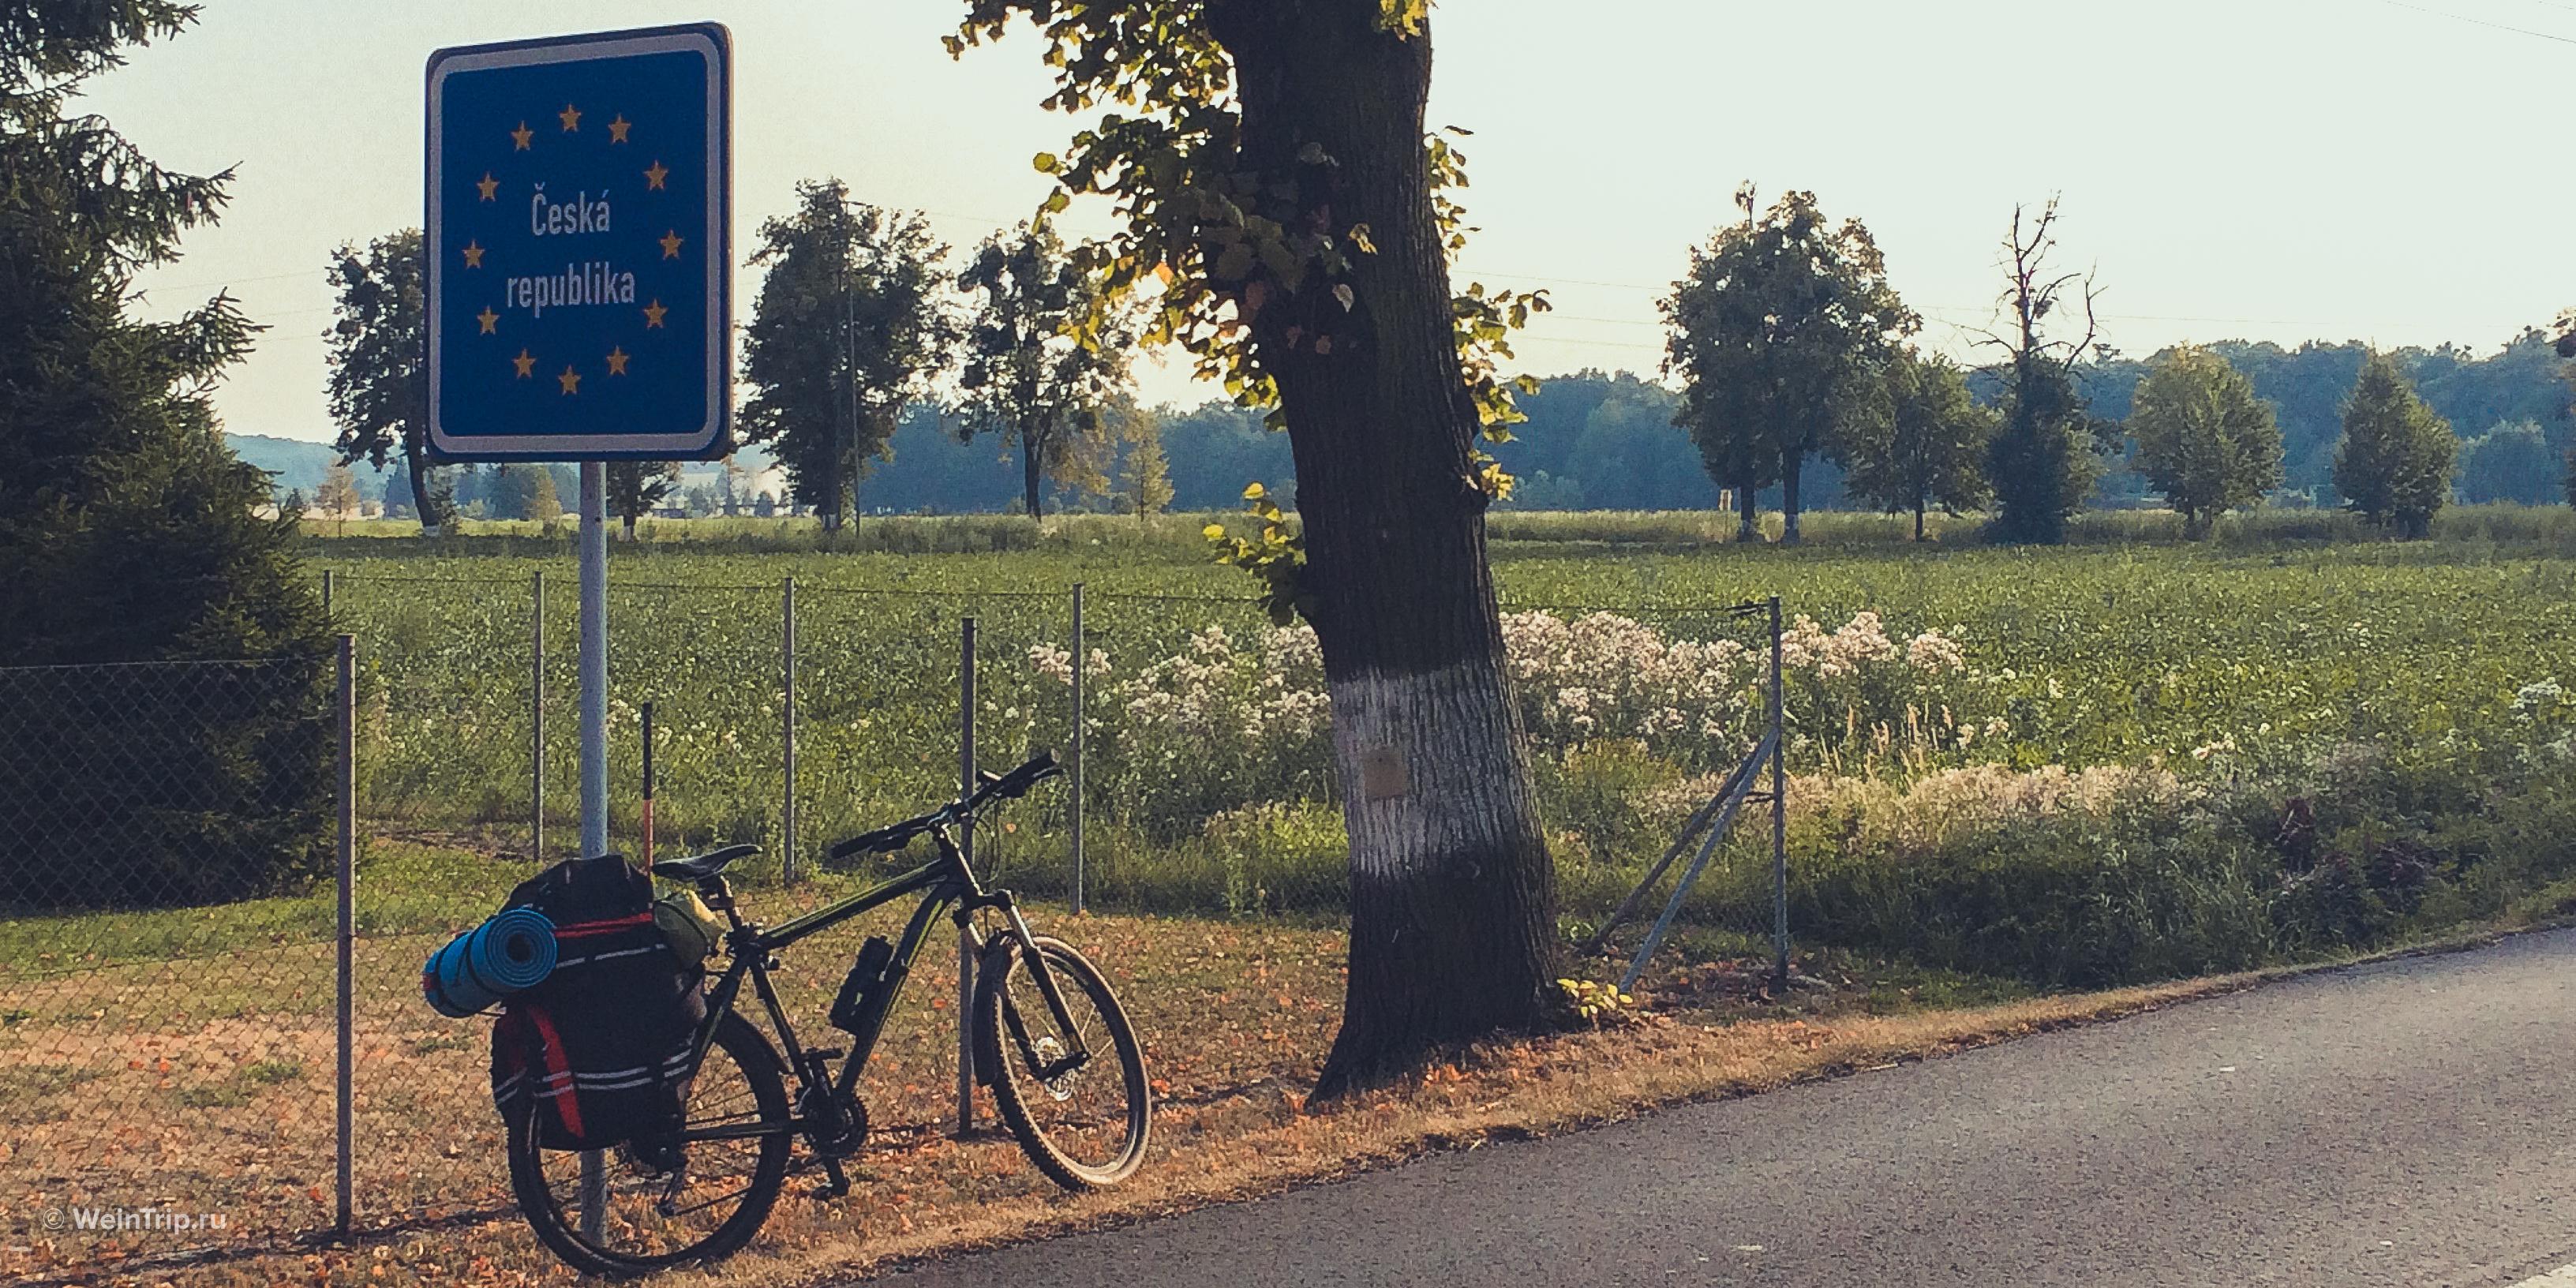 Путешествие на велосипеде по Европе. Часть 2. Из Польши в Чехию.